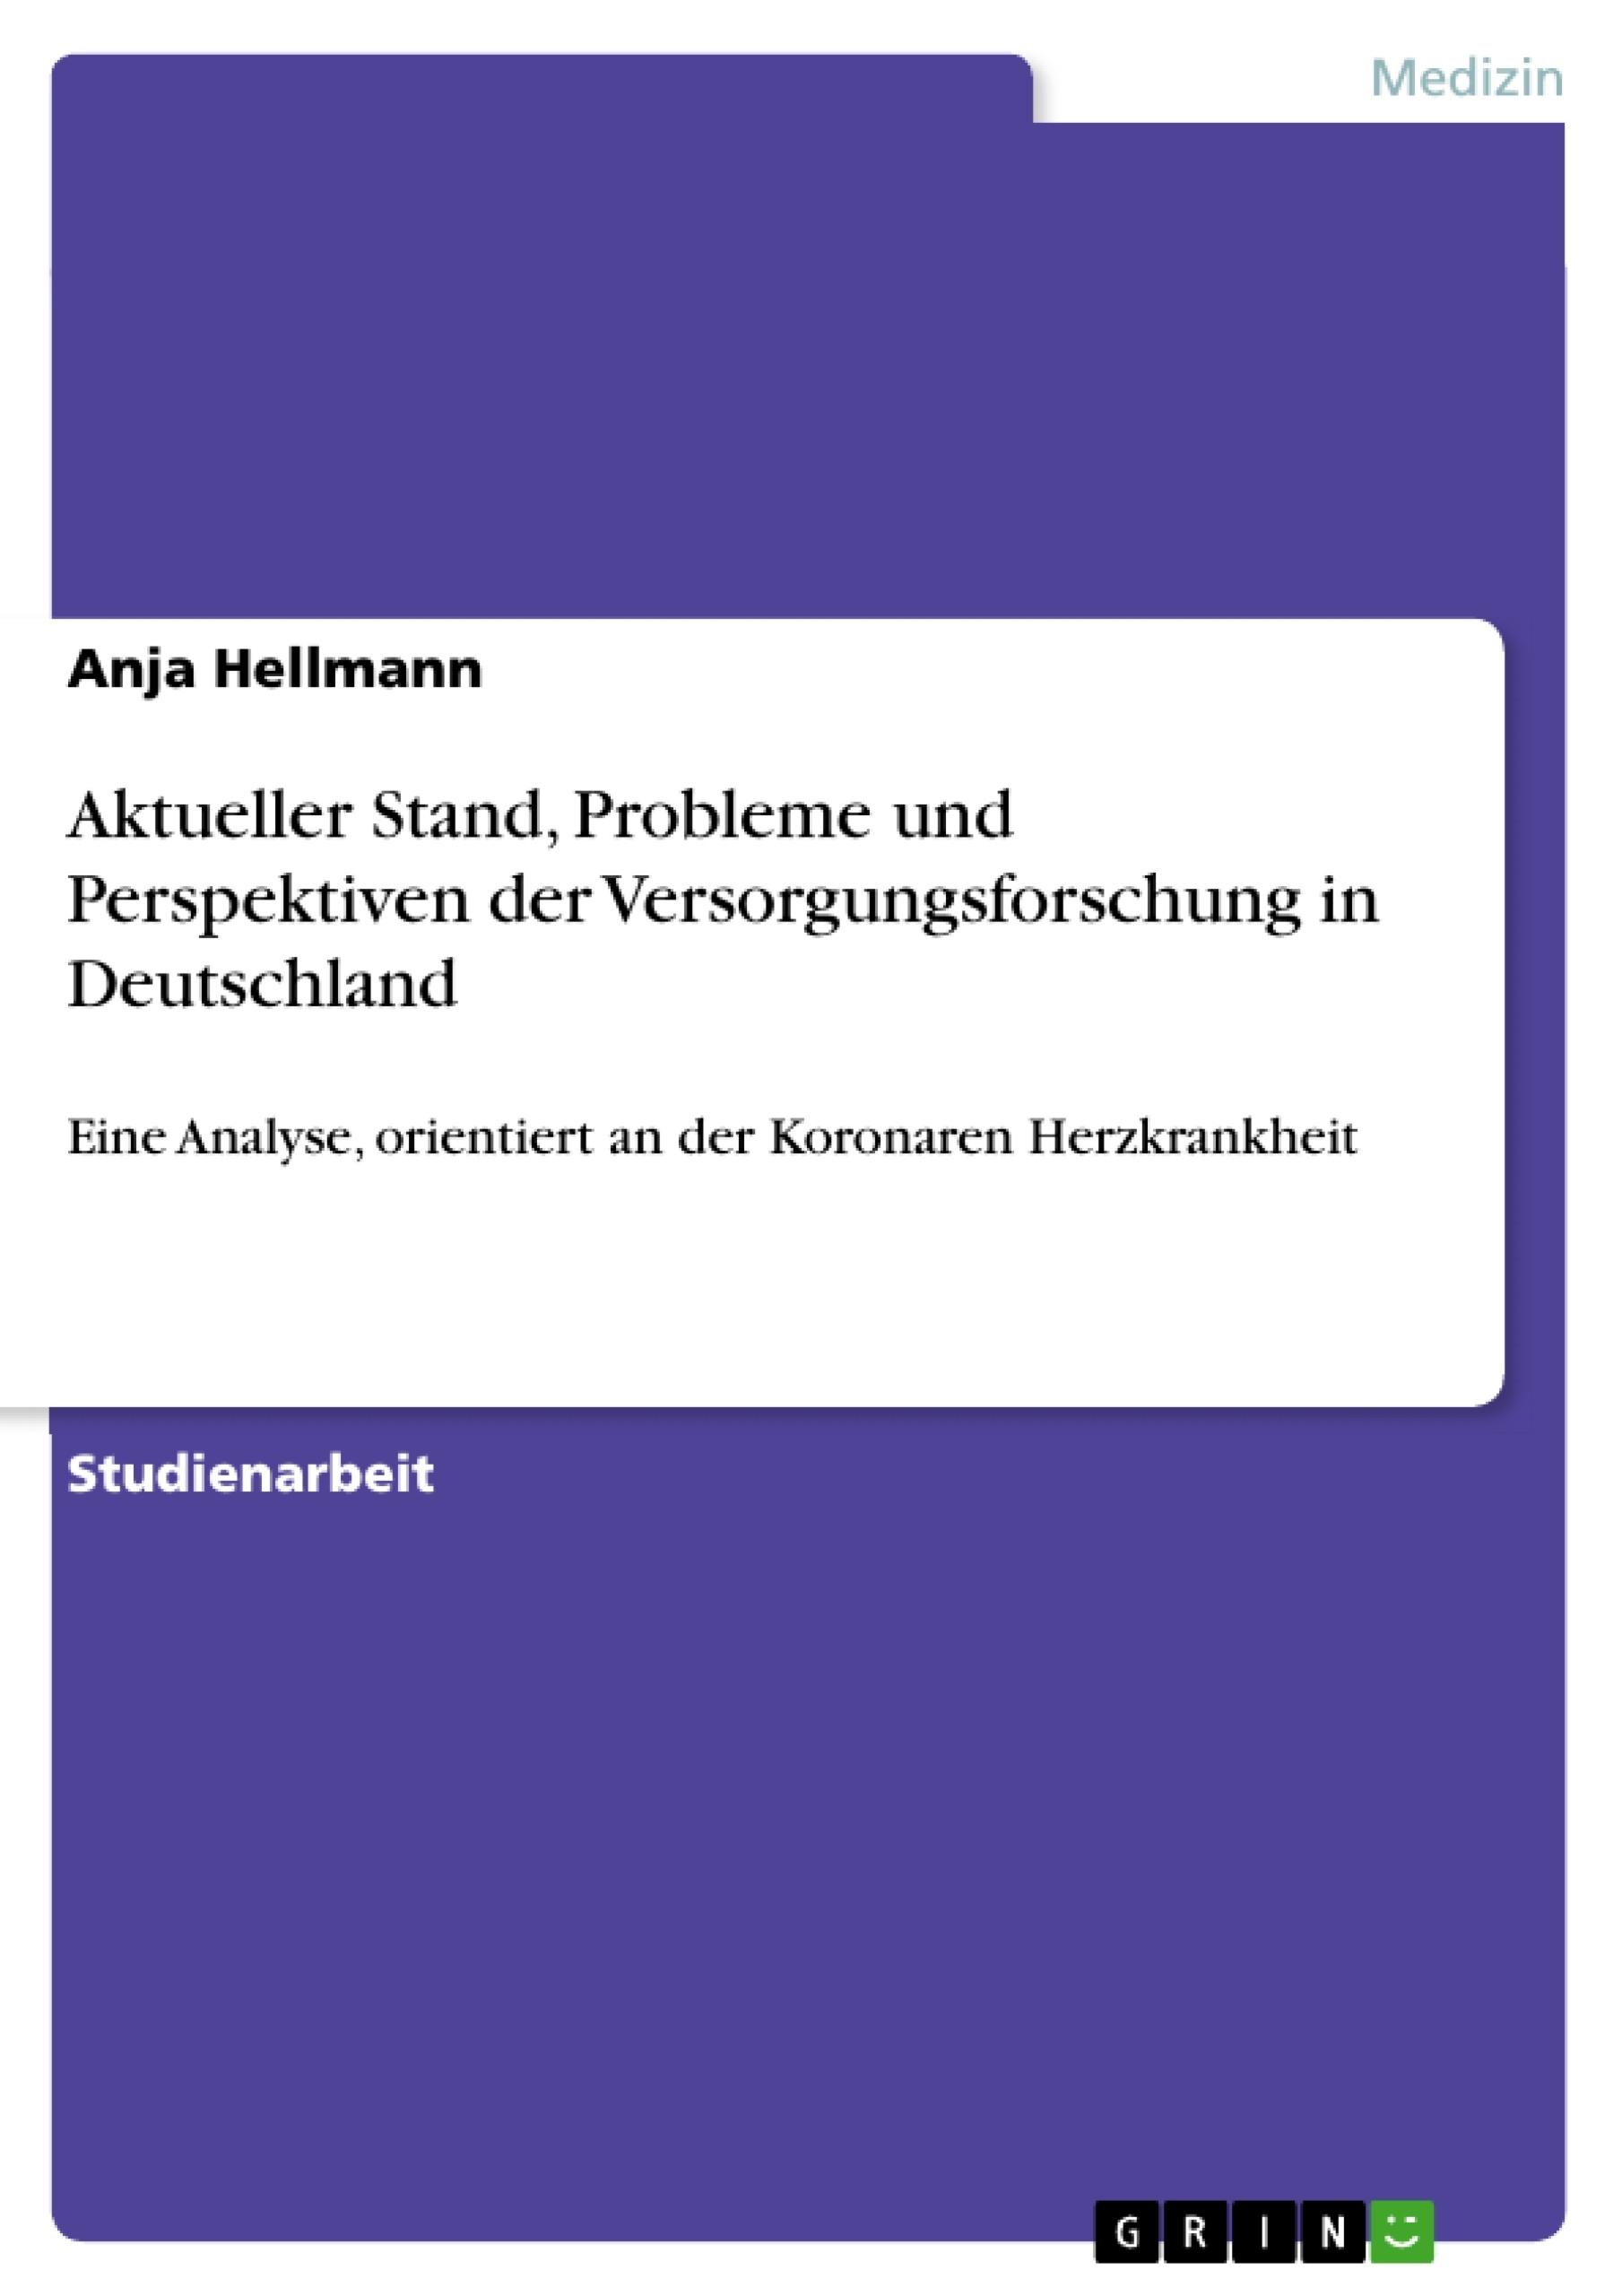 Titel: Aktueller Stand, Probleme und Perspektiven der Versorgungsforschung in Deutschland